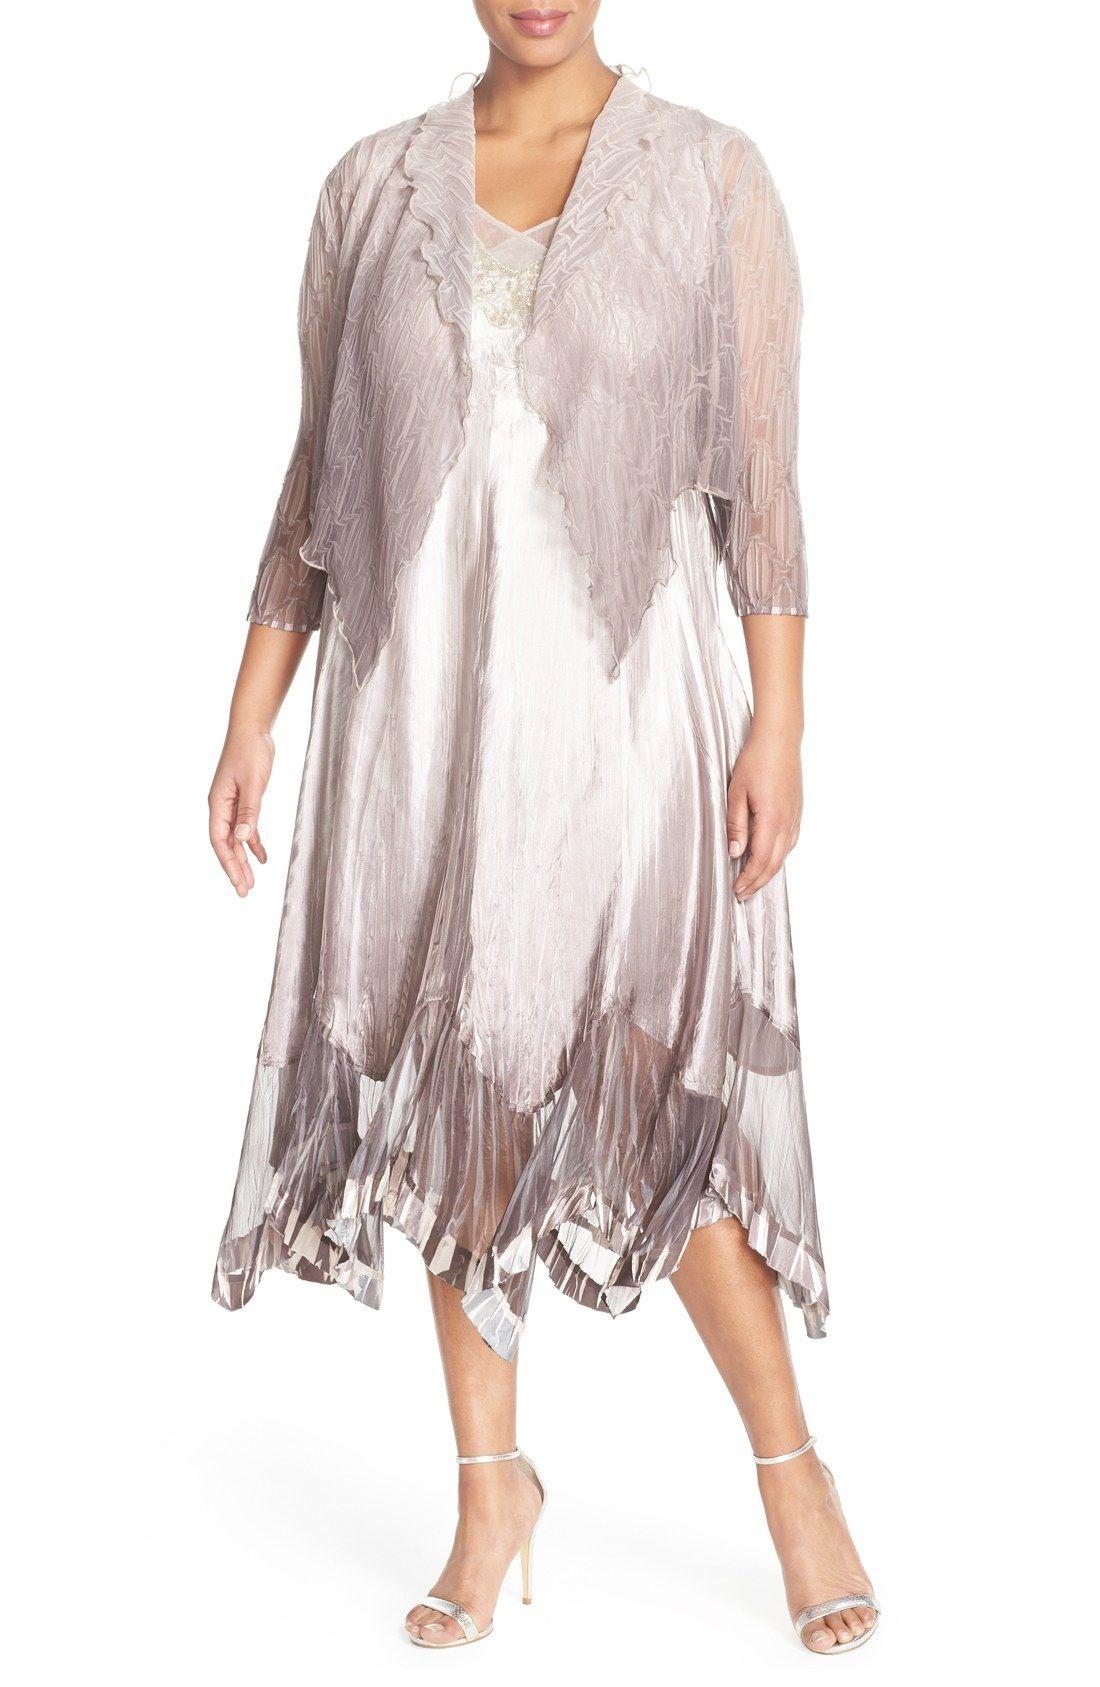 Komarov Plus Size Dresses Nordstrom - raveitsafe